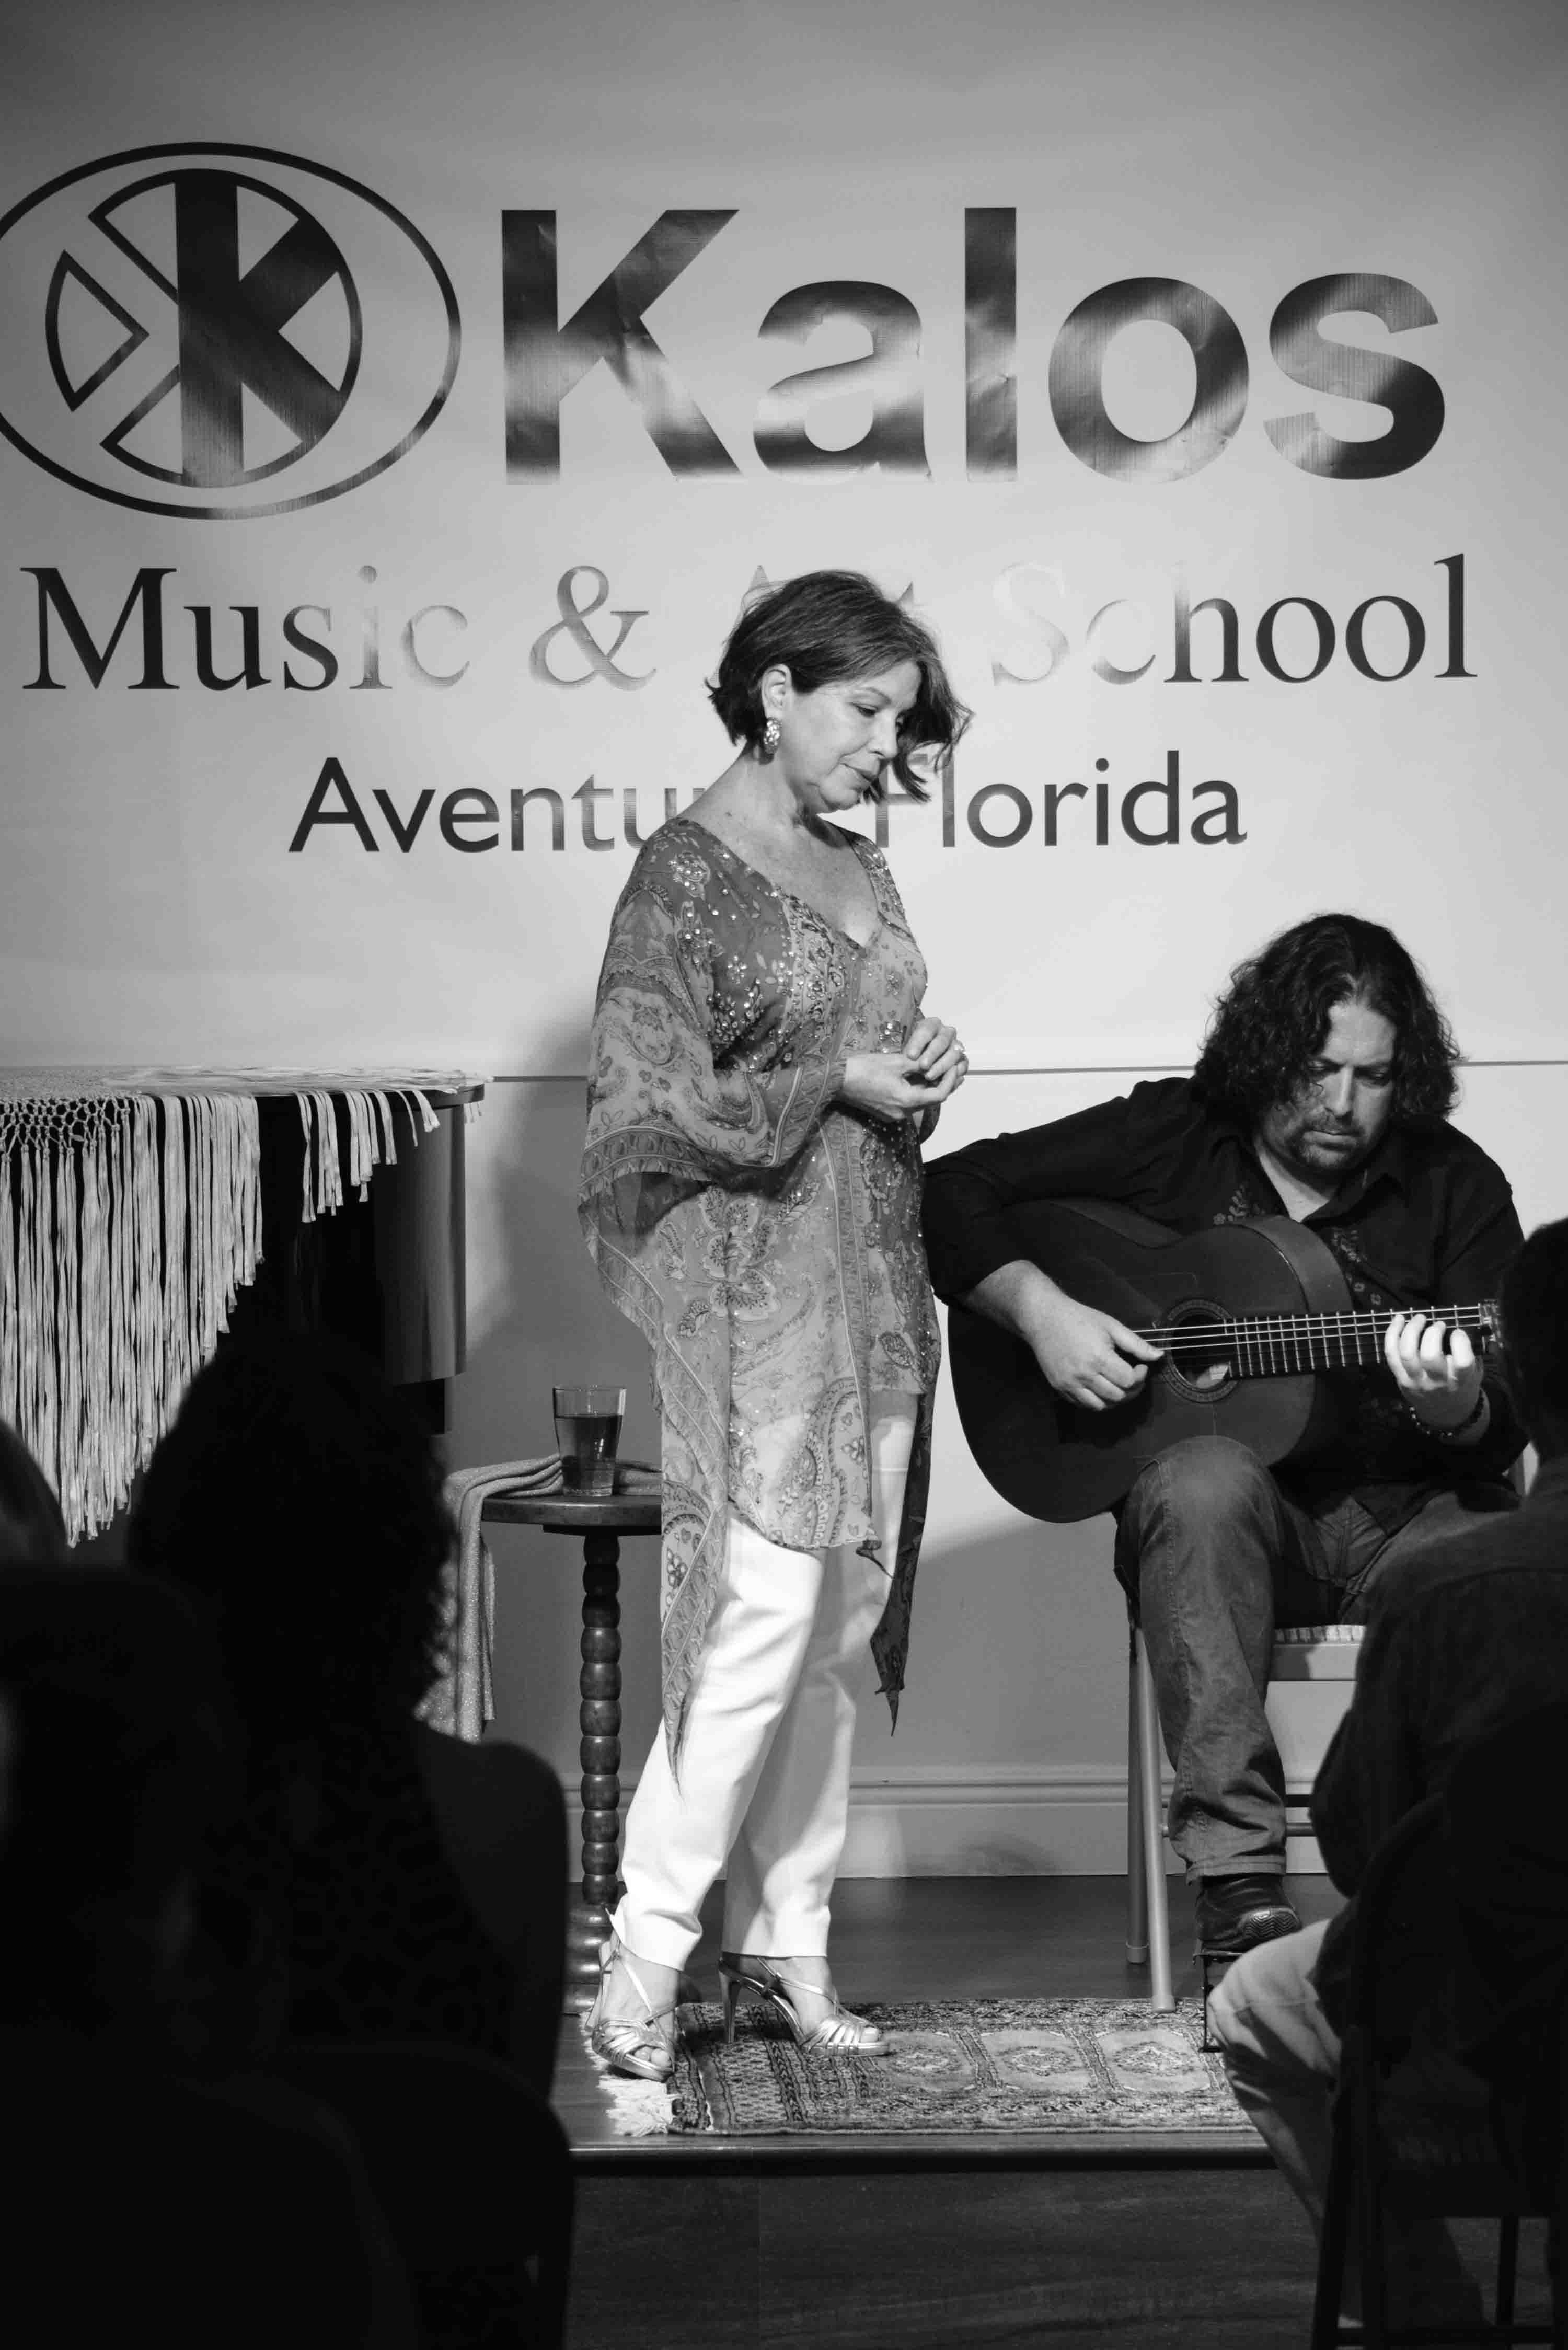 Susan Behar Y Jlr Saul Vera 25 Kalos Music Art School